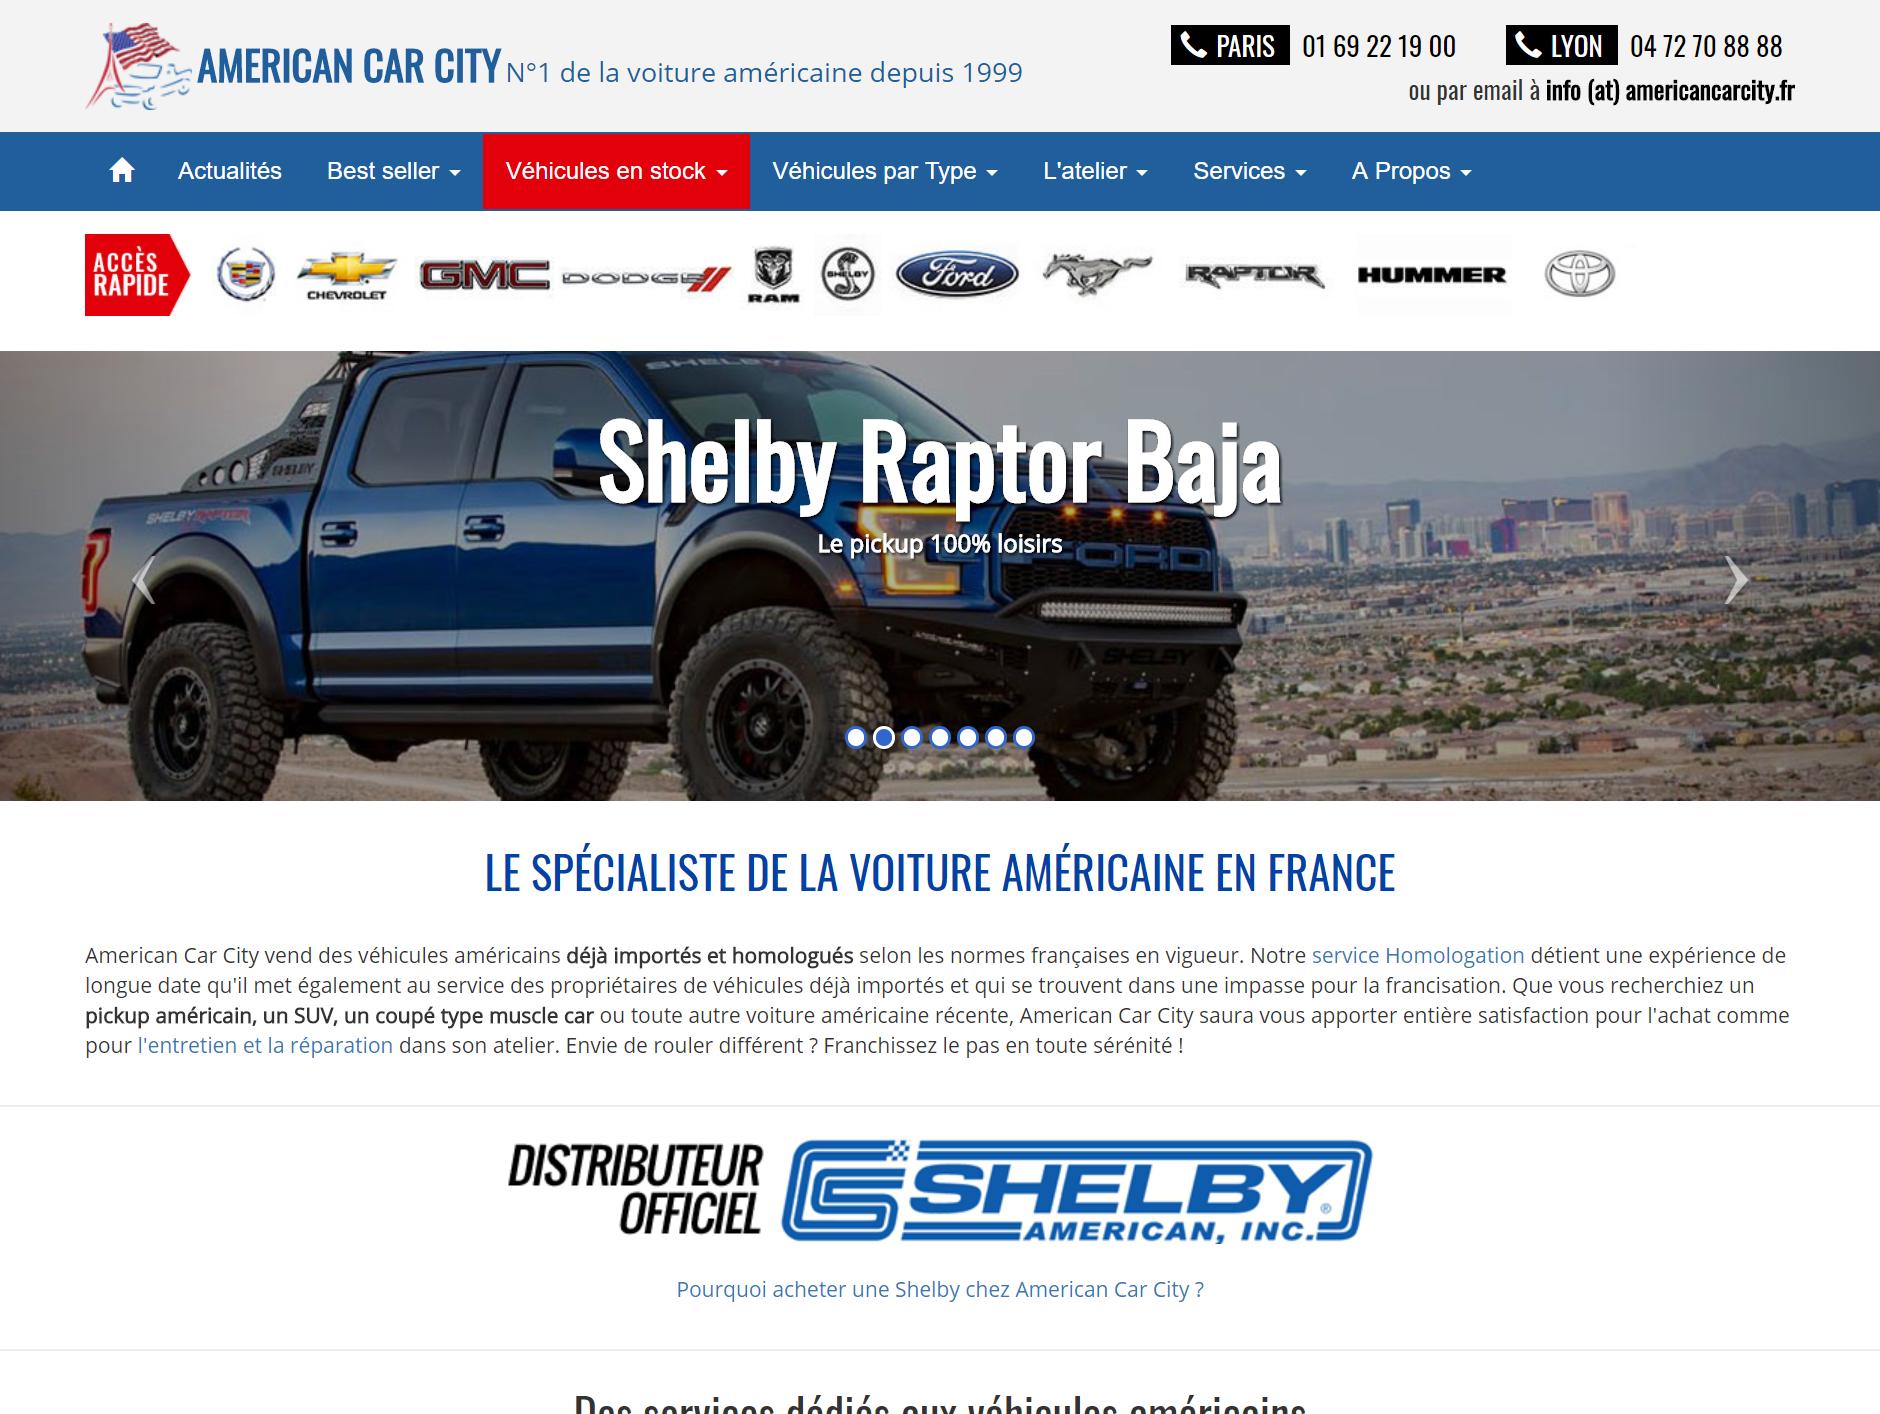 AMERICAN CAR CITY, leader de la vente de voitures américaines passe à SPIDER VO !